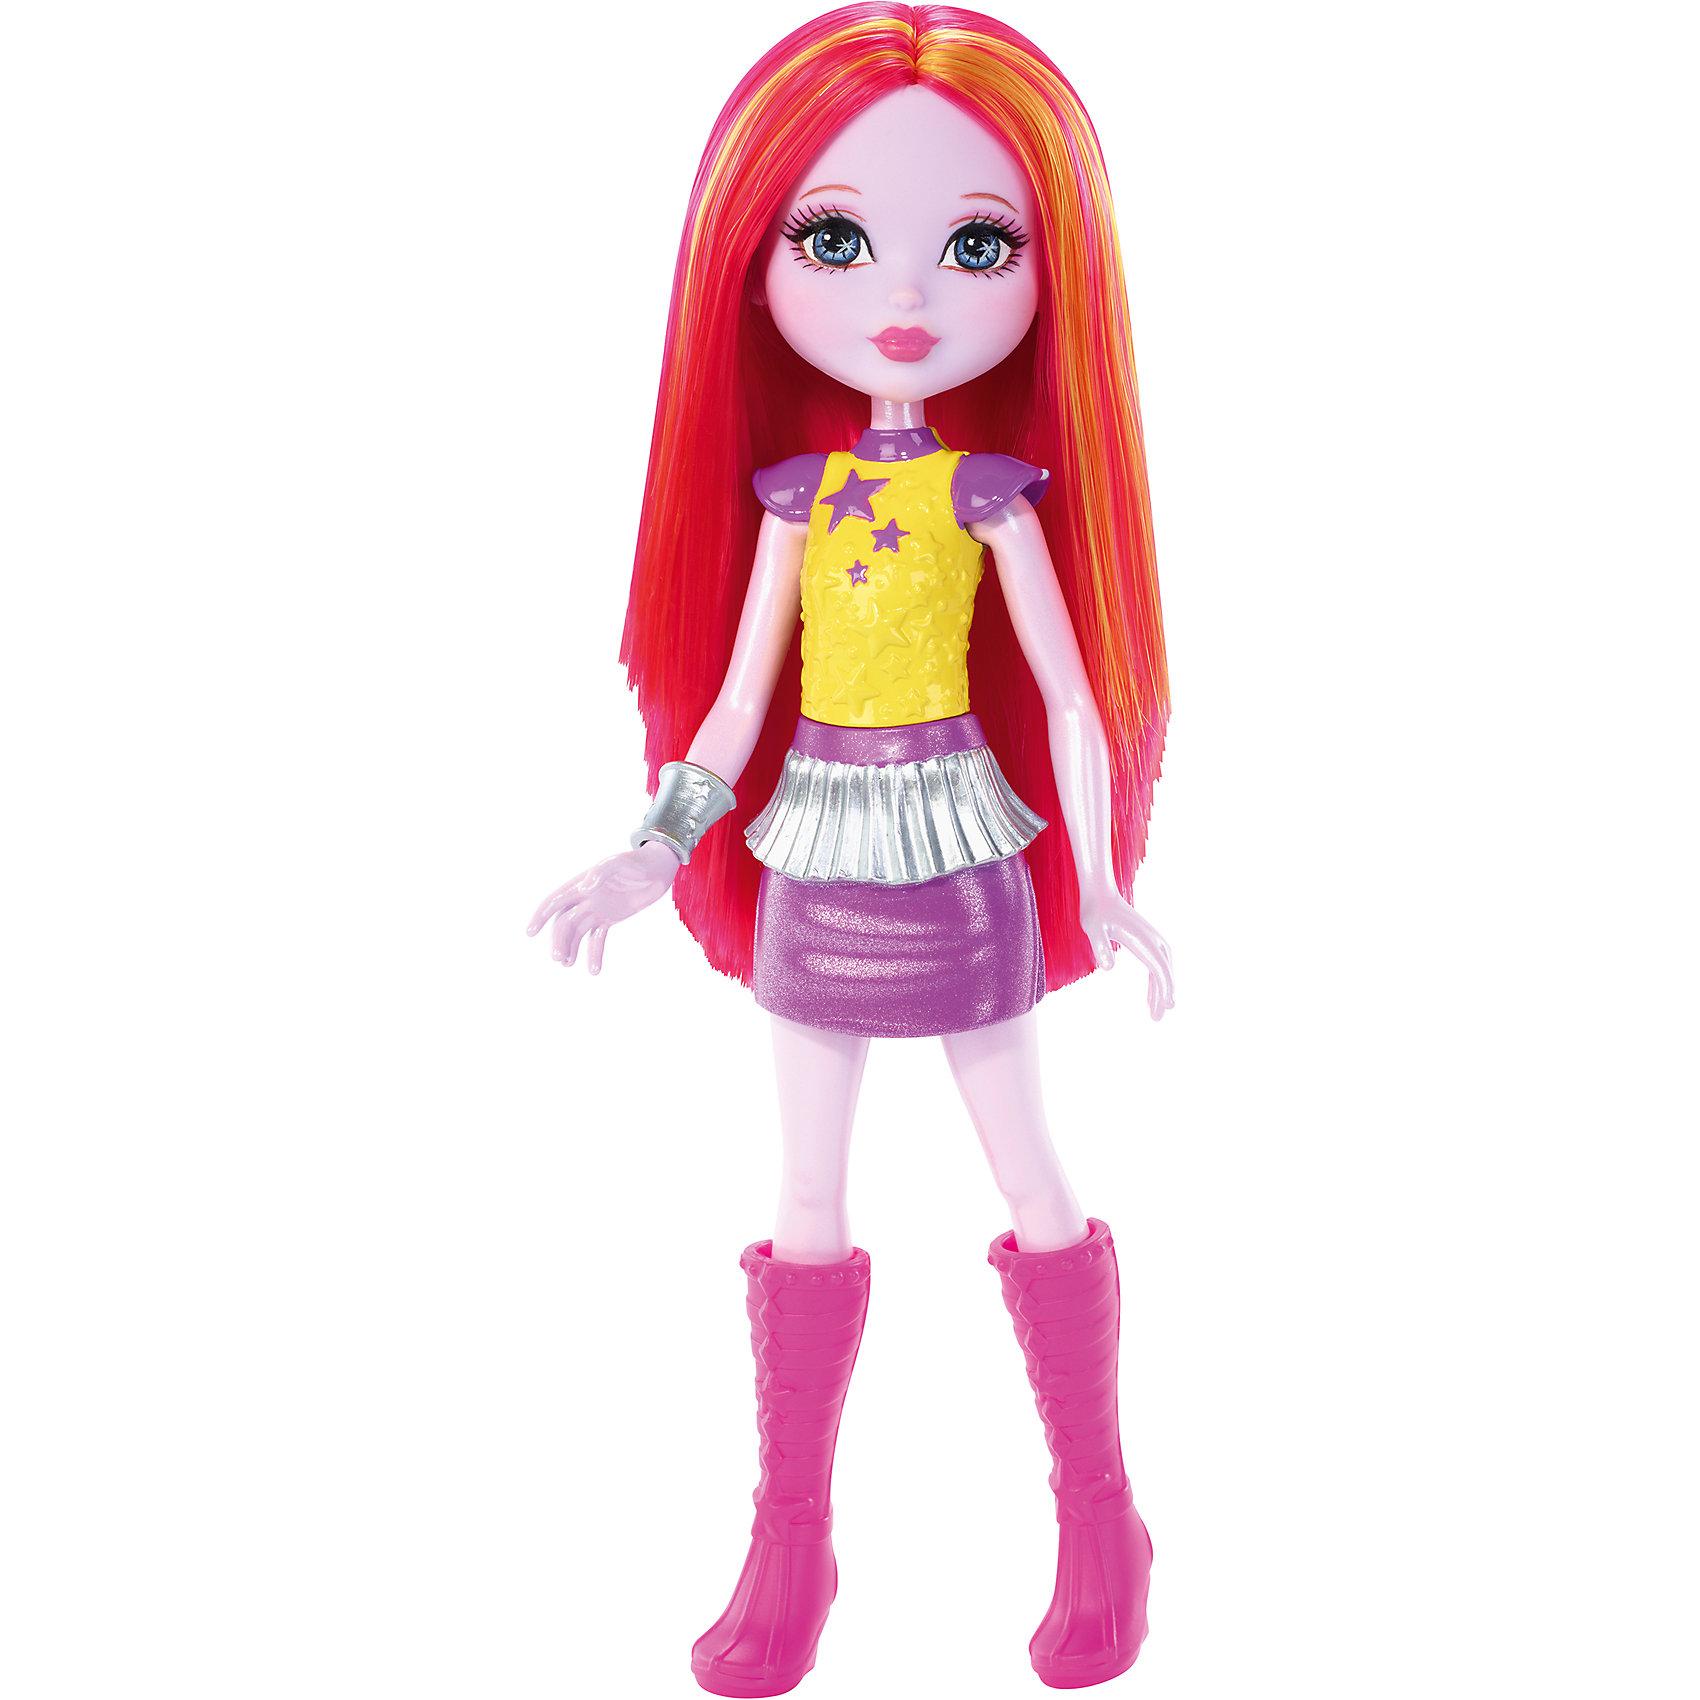 Mattel Маленькая кукла из серии Barbie и космическое приключение mattel кукла набор одежды barbie